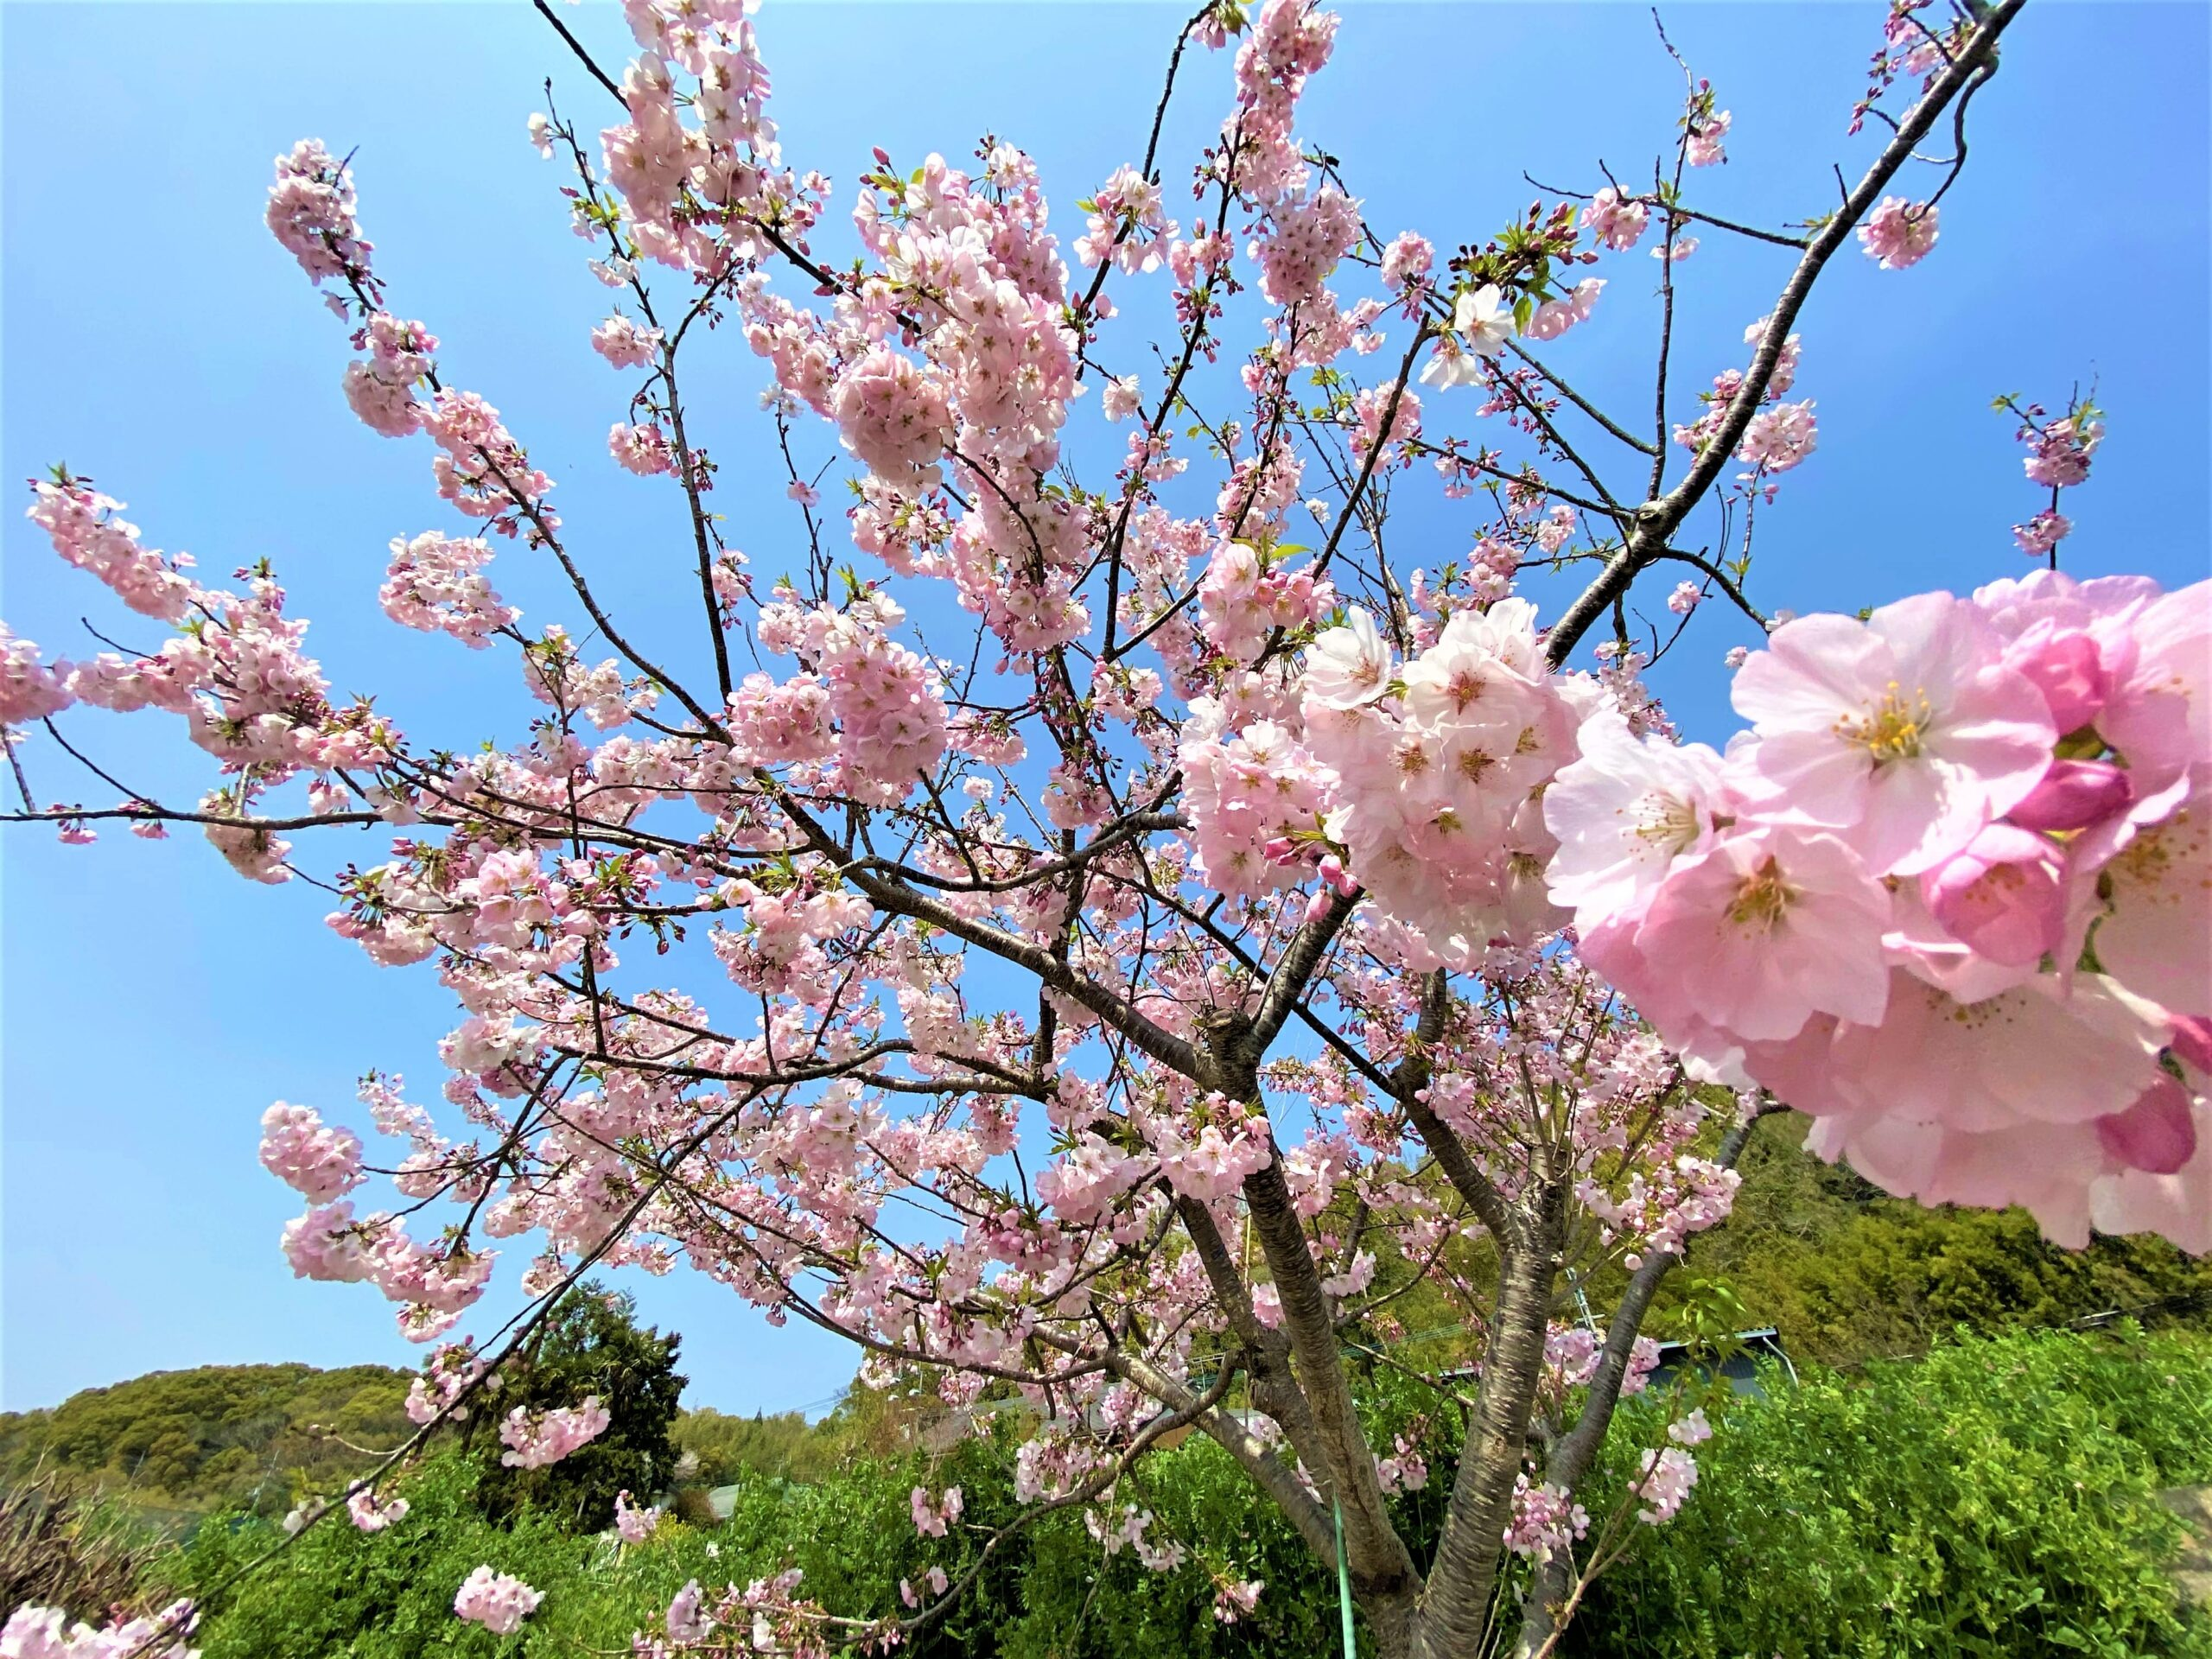 綺麗な桜が咲きました!